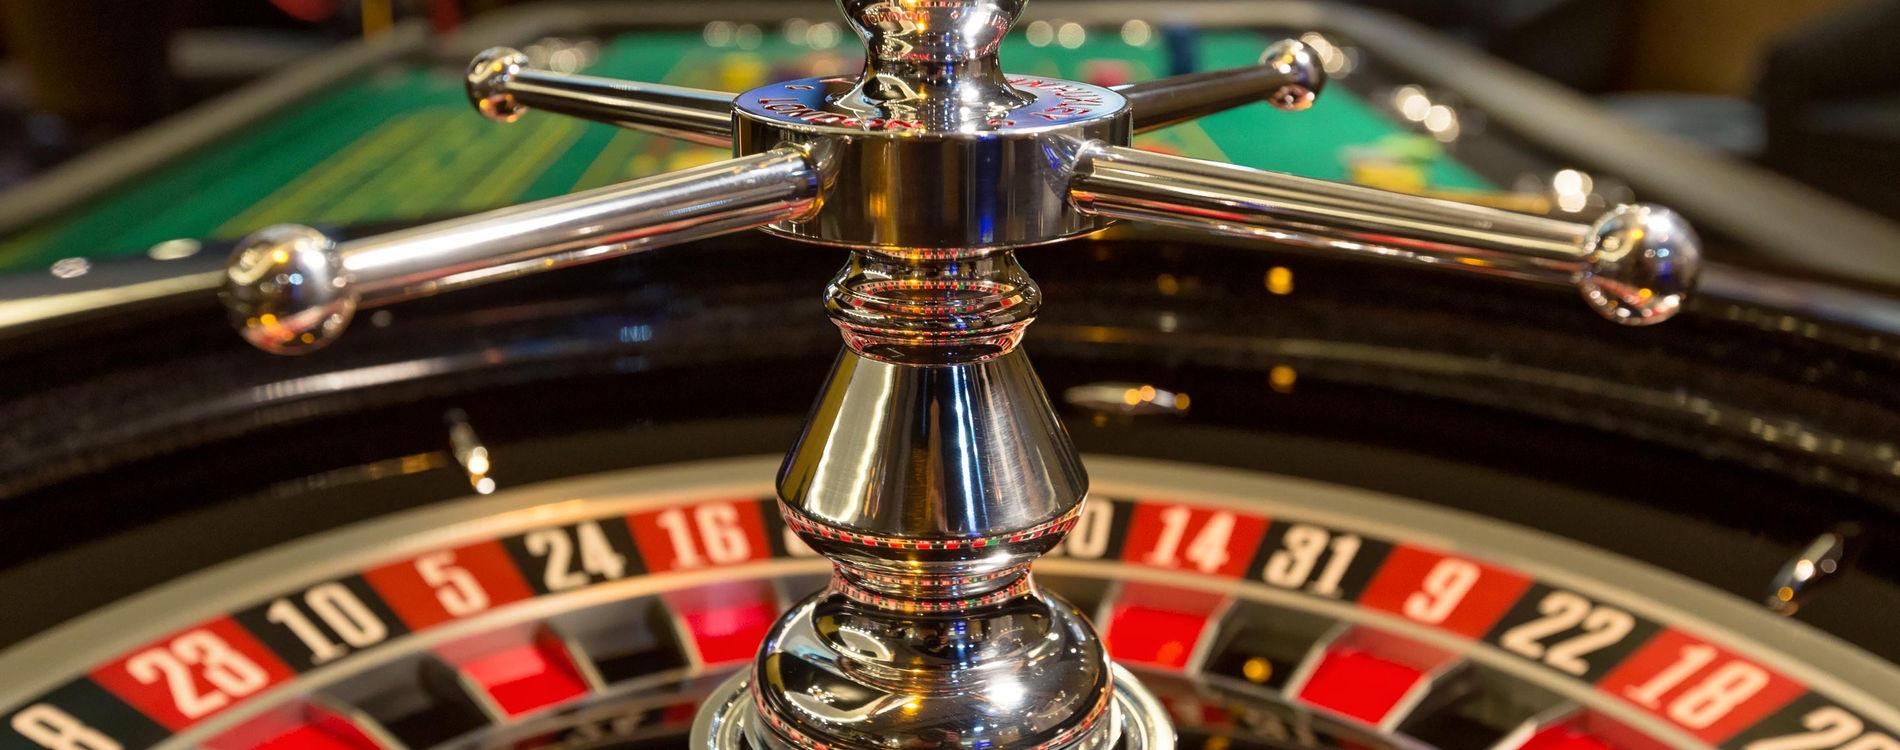 Jeton du Casino de Monte-Carlo Monaco